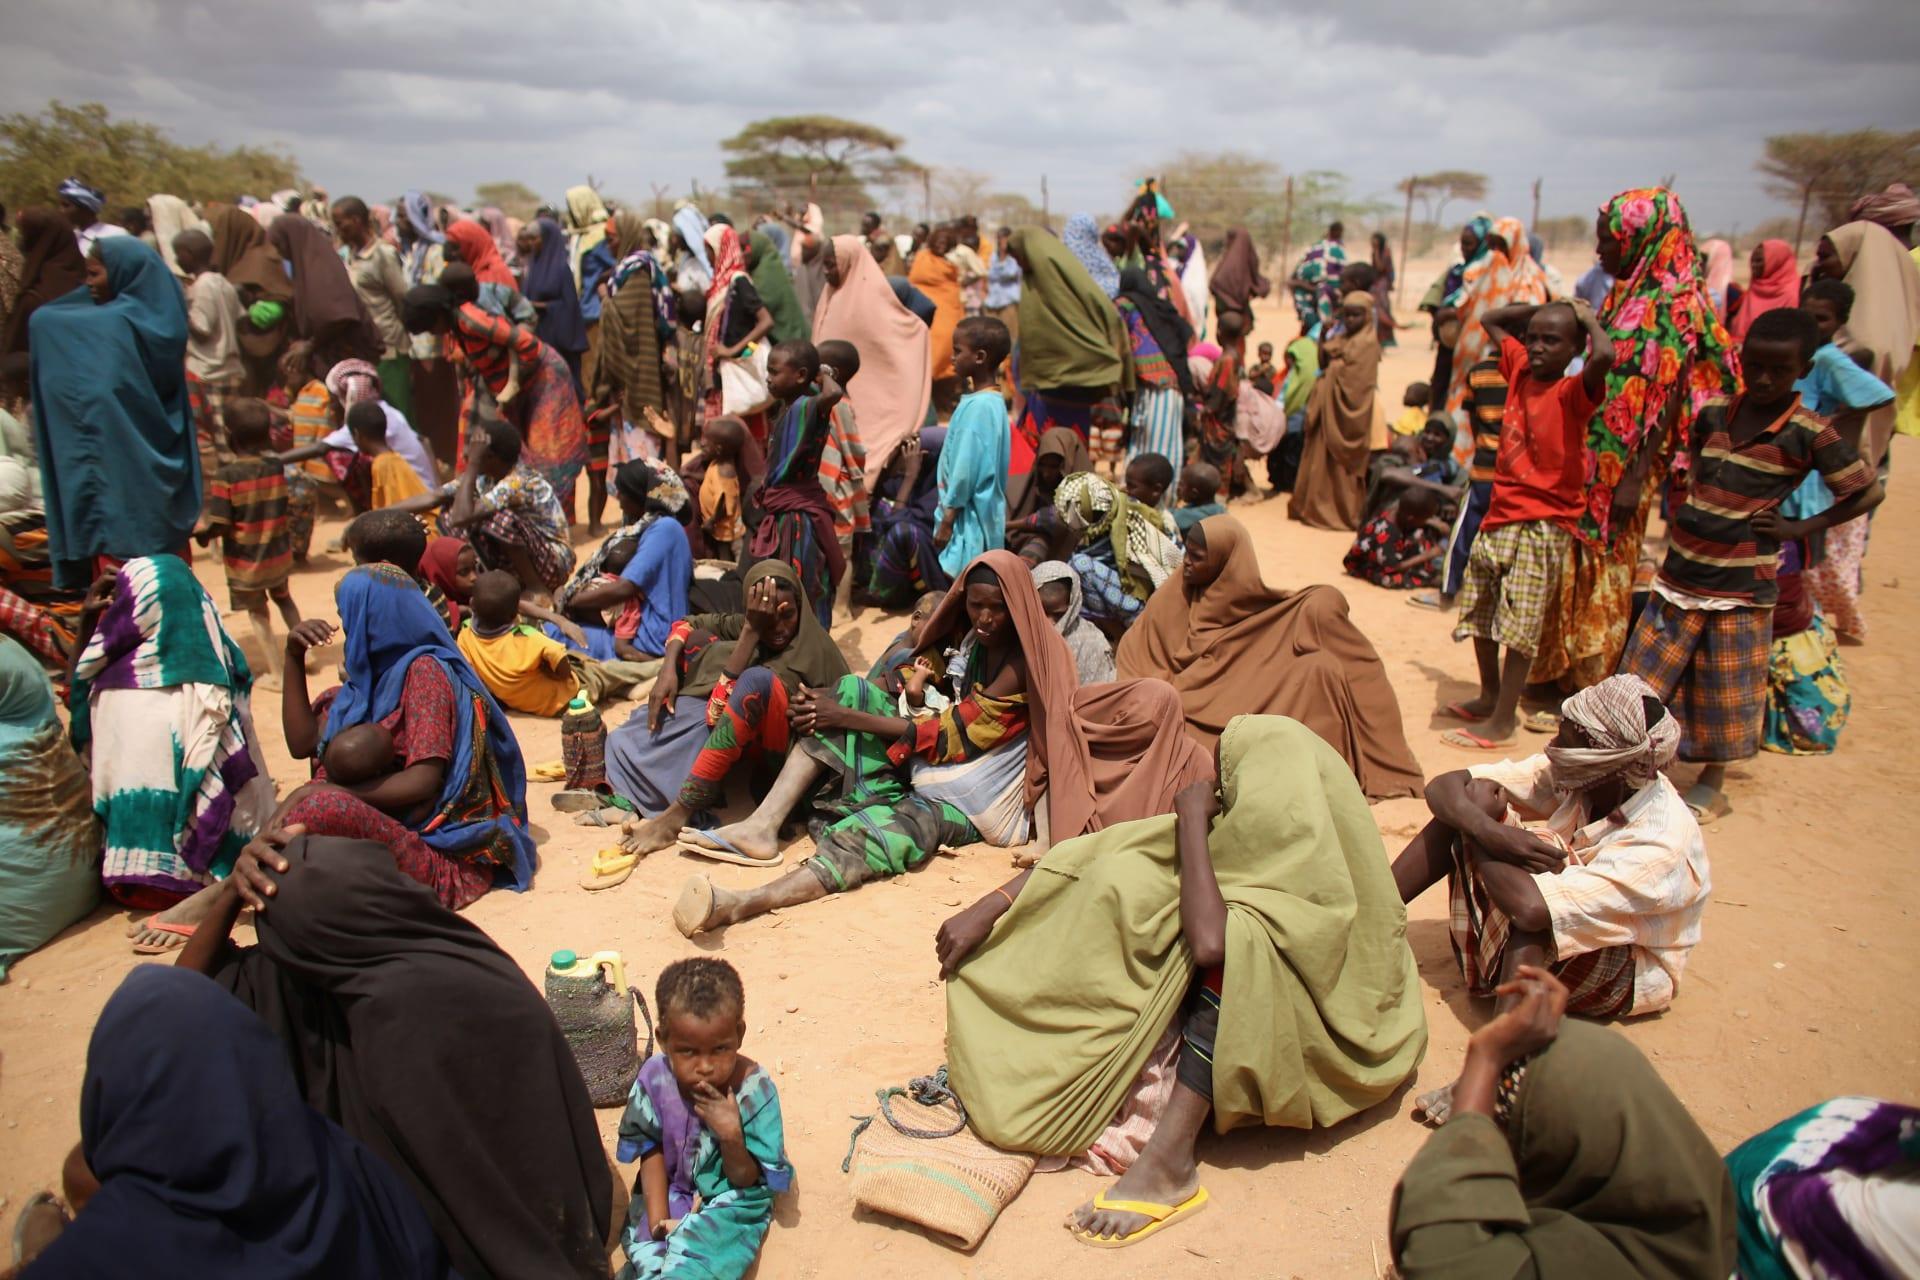 وسط ظروف معيشية قاسية.. وباء الكوليرا يُهدد أكبر مخيم للاجئين بالعالم